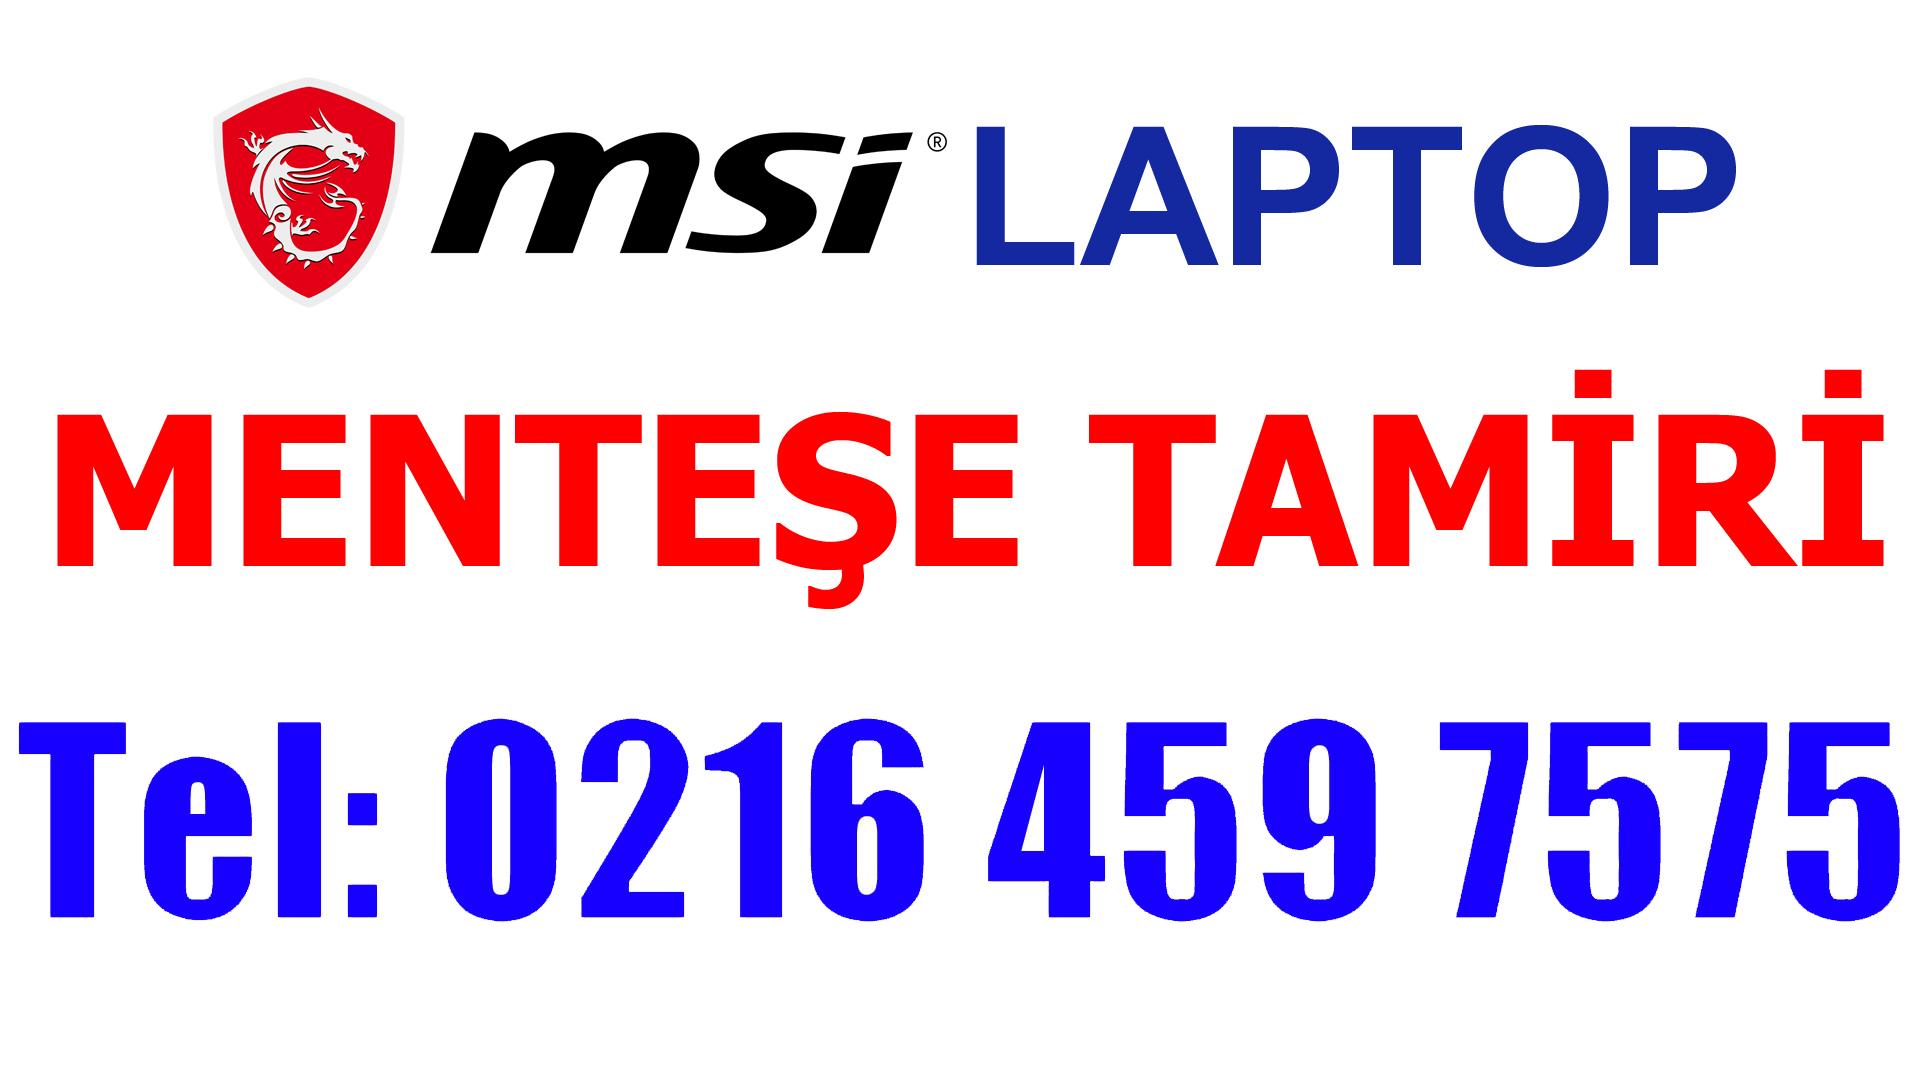 Msi Laptop Menteşe Tamiri ve Değişimi